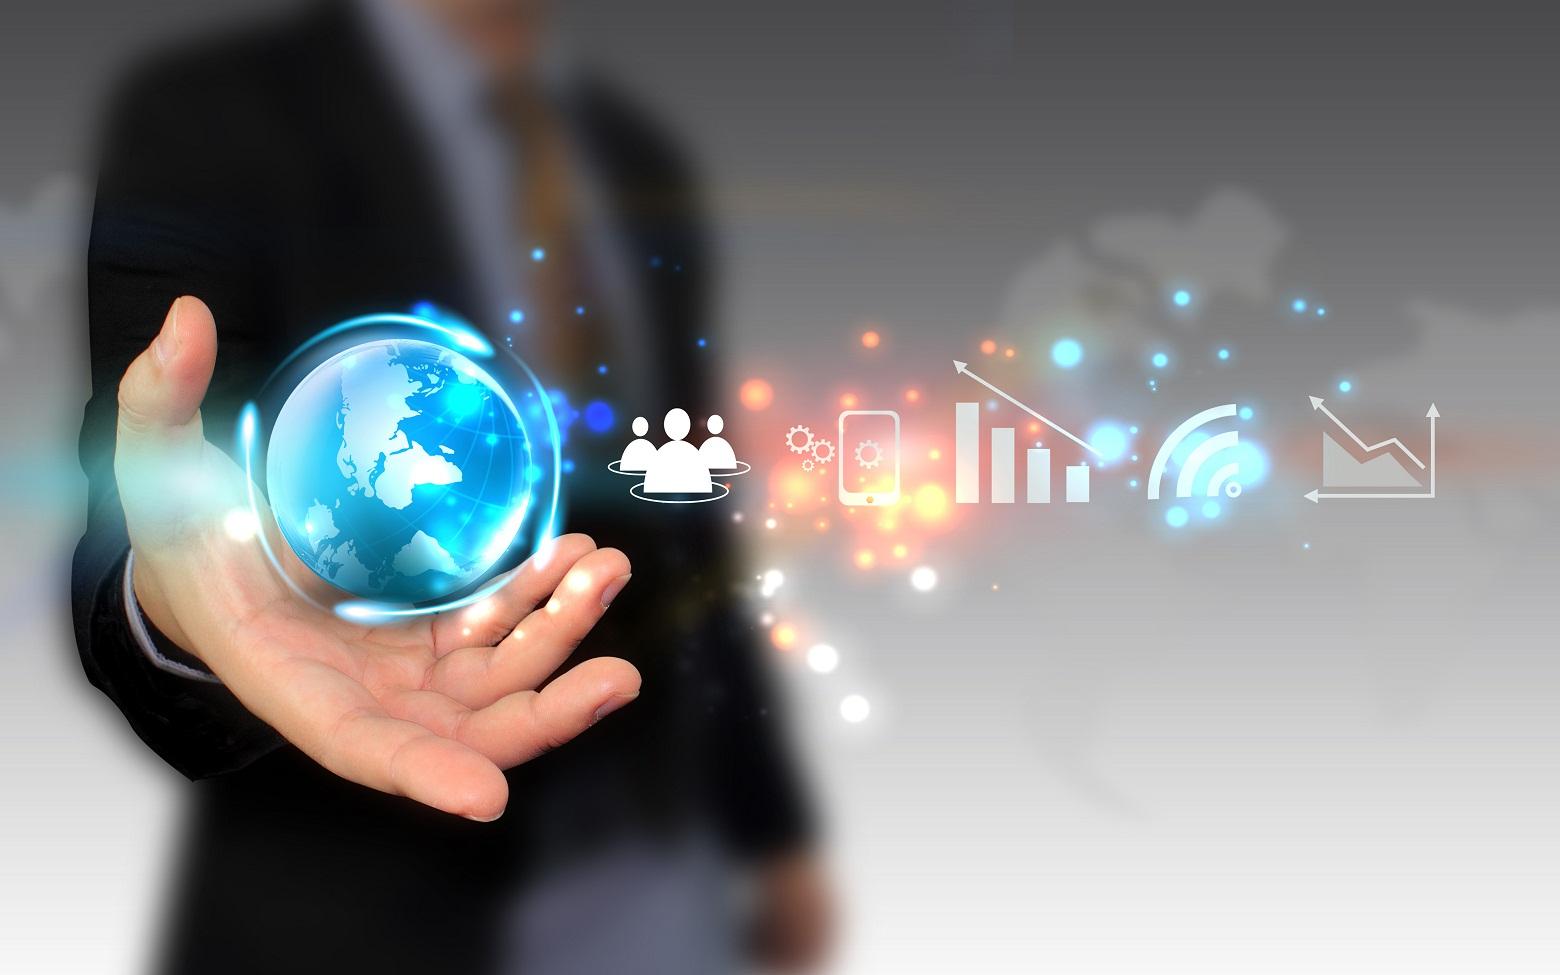 La industria digital se une contra el virus   MercadoNegro